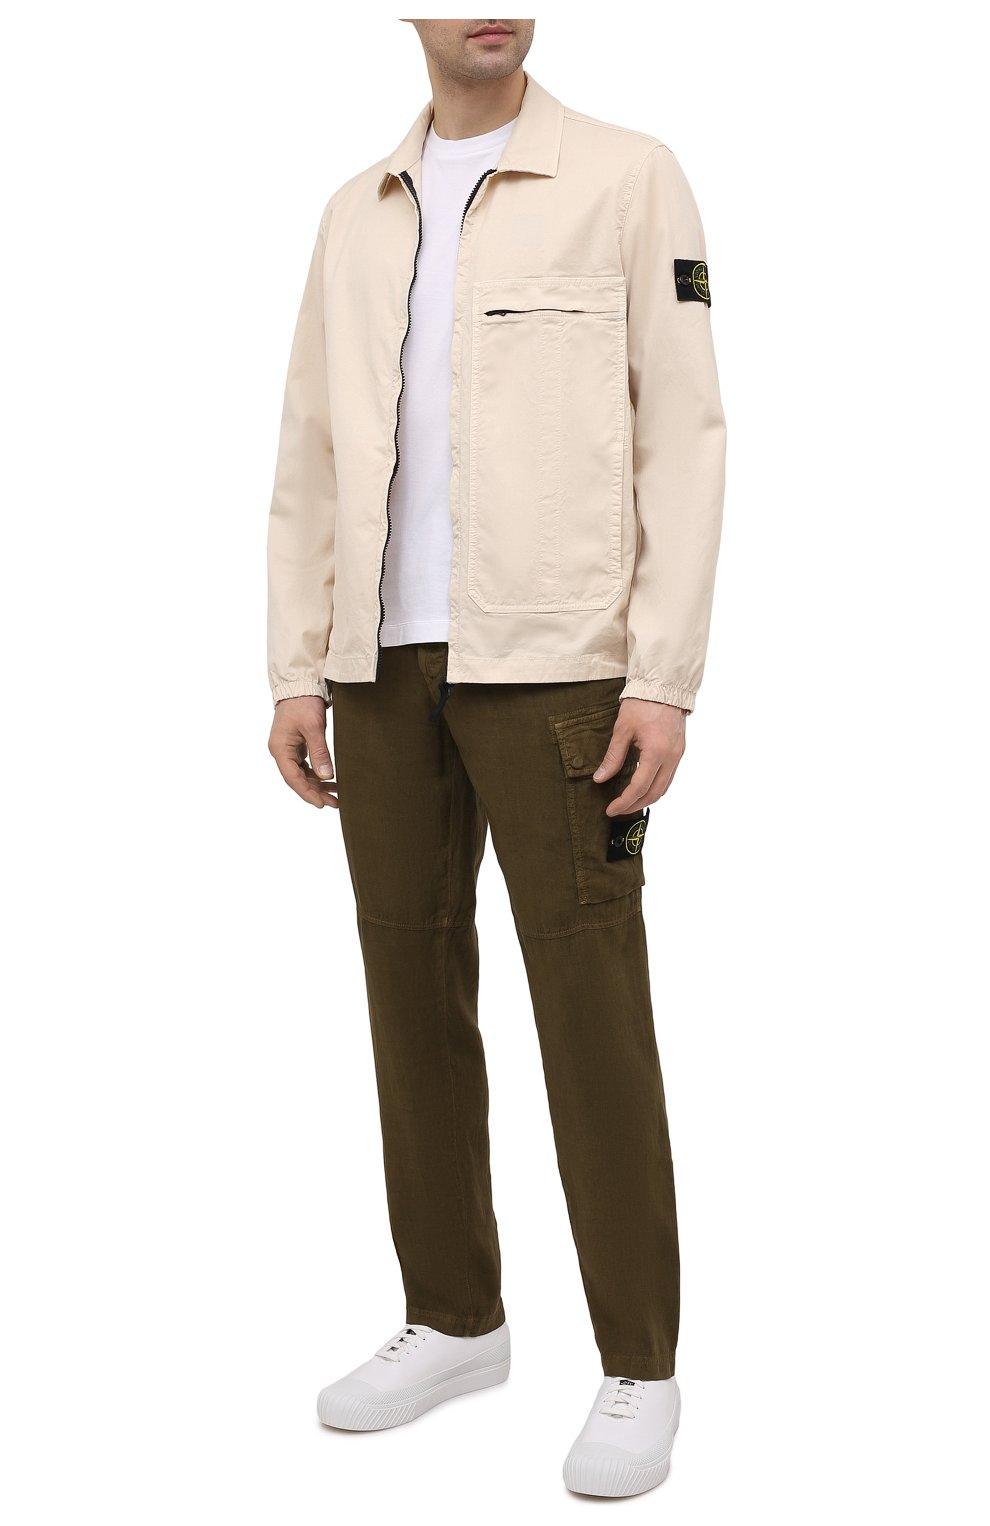 Мужские льняные брюки-карго STONE ISLAND хаки цвета, арт. 741531601   Фото 2 (Силуэт М (брюки): Карго; Длина (брюки, джинсы): Стандартные; Случай: Повседневный; Стили: Милитари; Материал внешний: Лен)